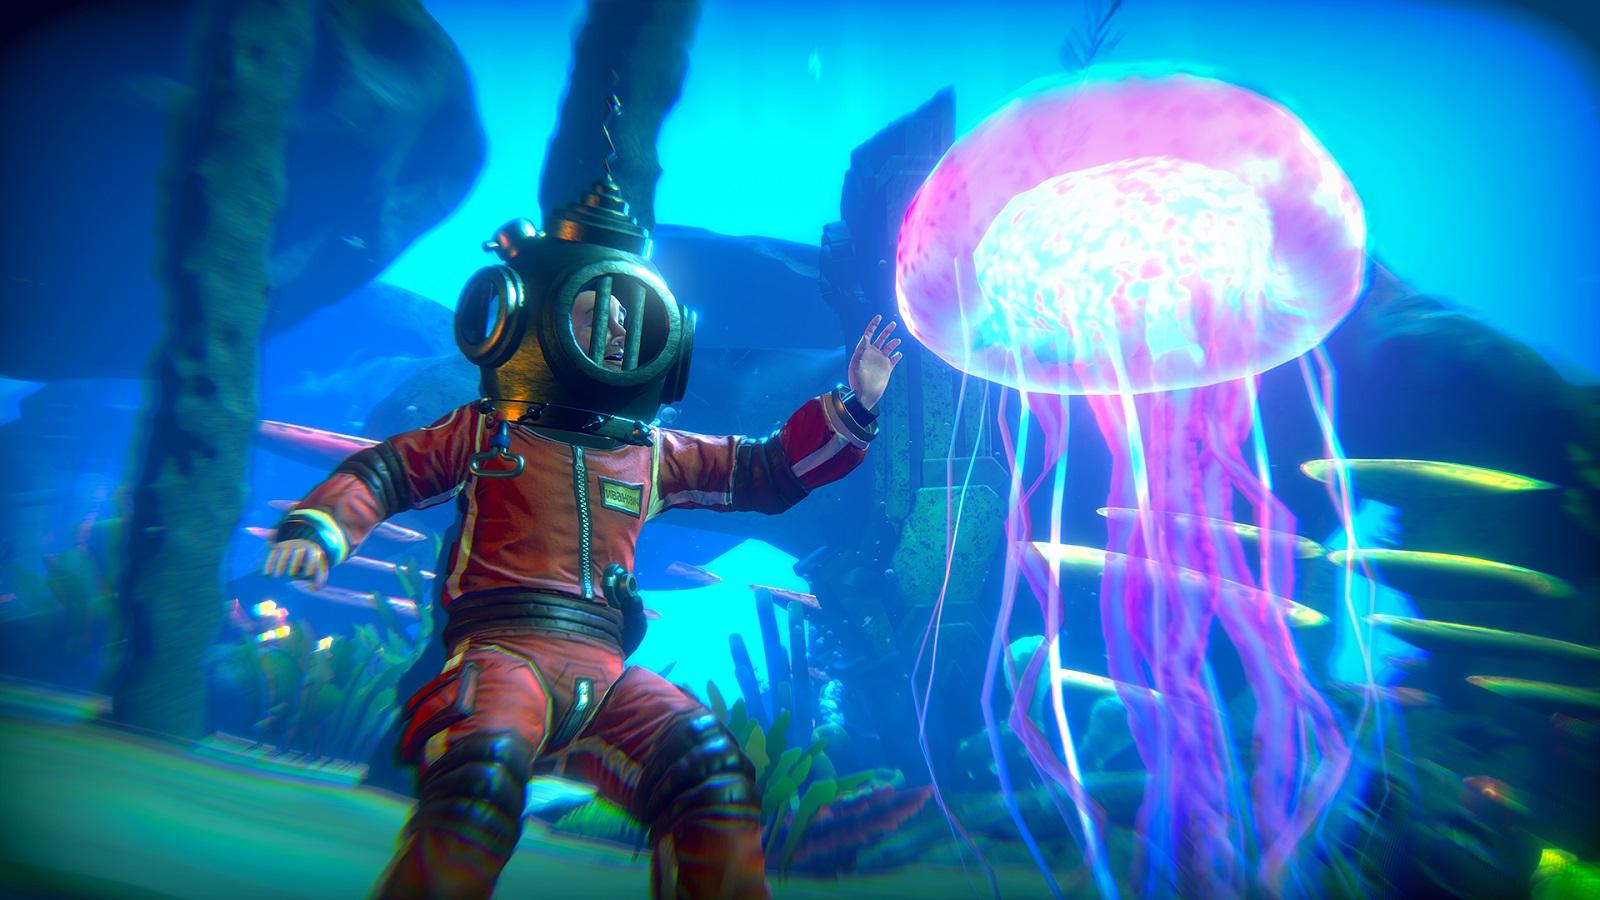 Следующей игрой авторов Everybody's Gone to the Rapture станет приключенческий экшен от первого лица в новой вселенной